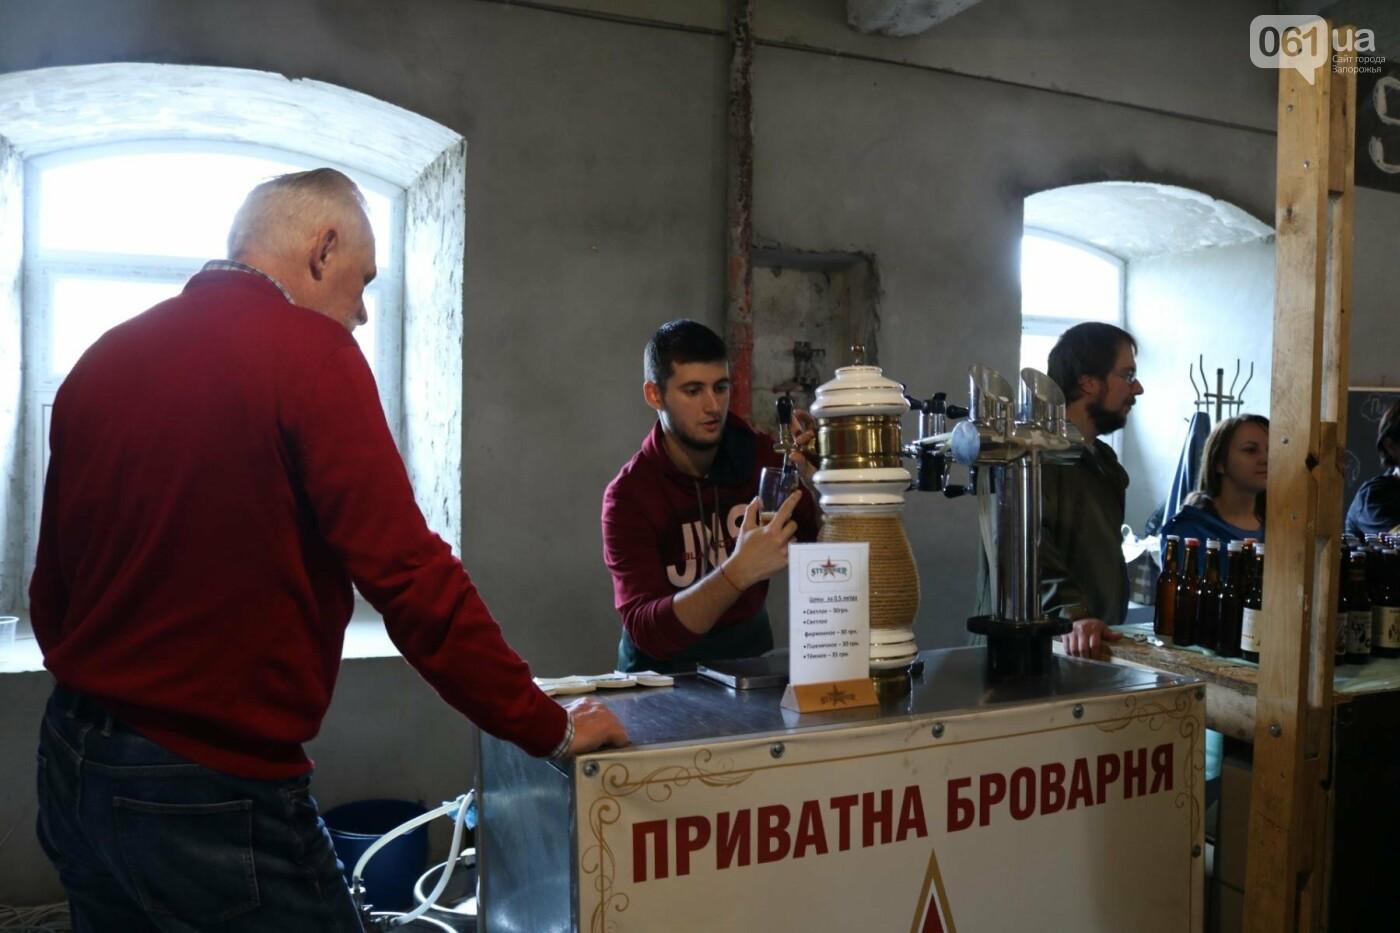 Как в Запорожье проходит фестиваль крафтового пива, - ФОТОРЕПОРТАЖ , фото-2